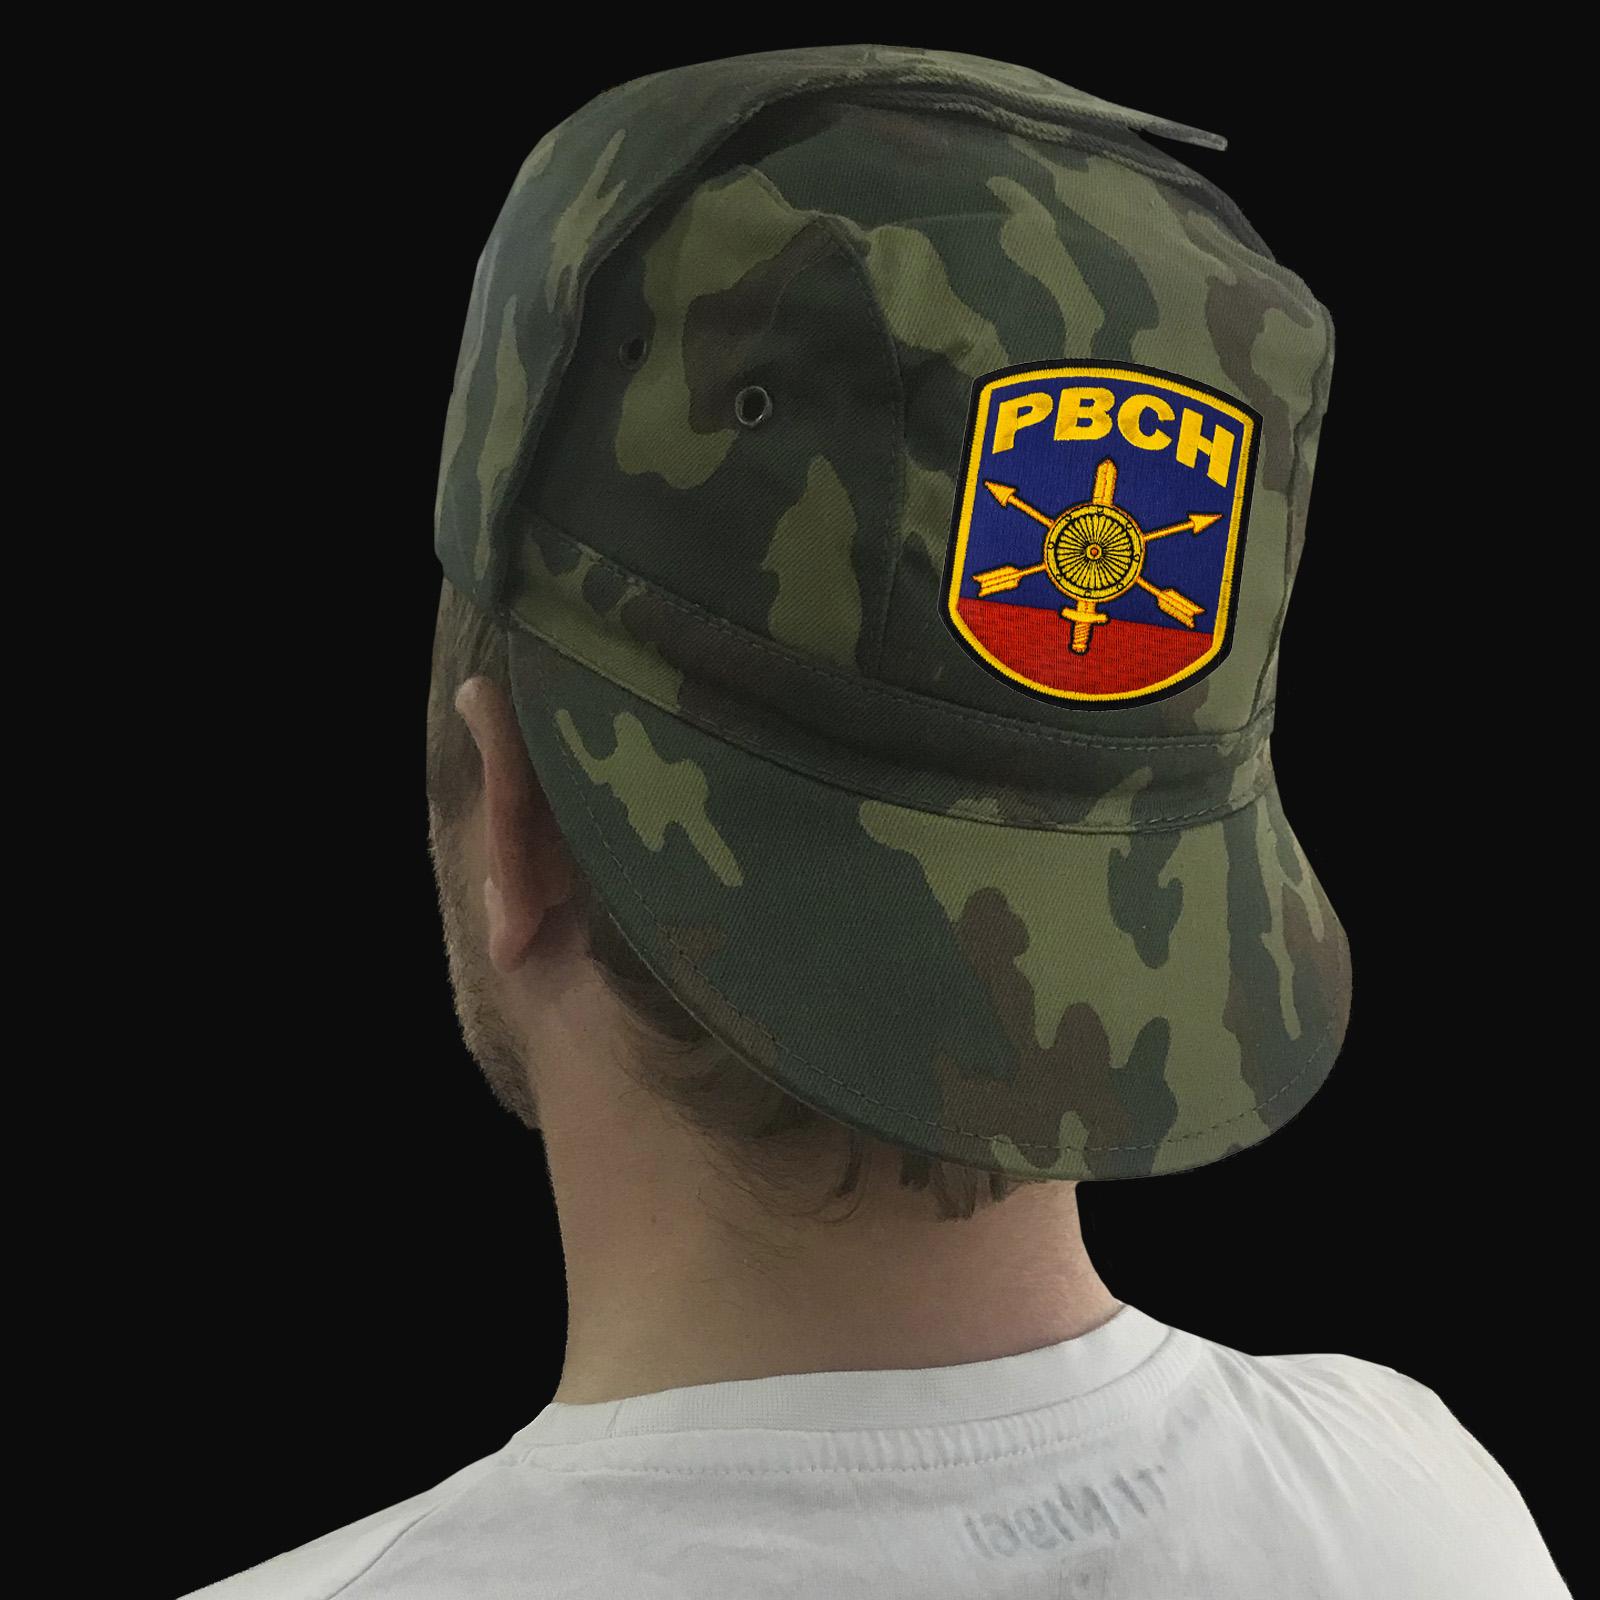 Купить камуфляжную мужскую кепку с символикой Ракетных войск стратегического назначения